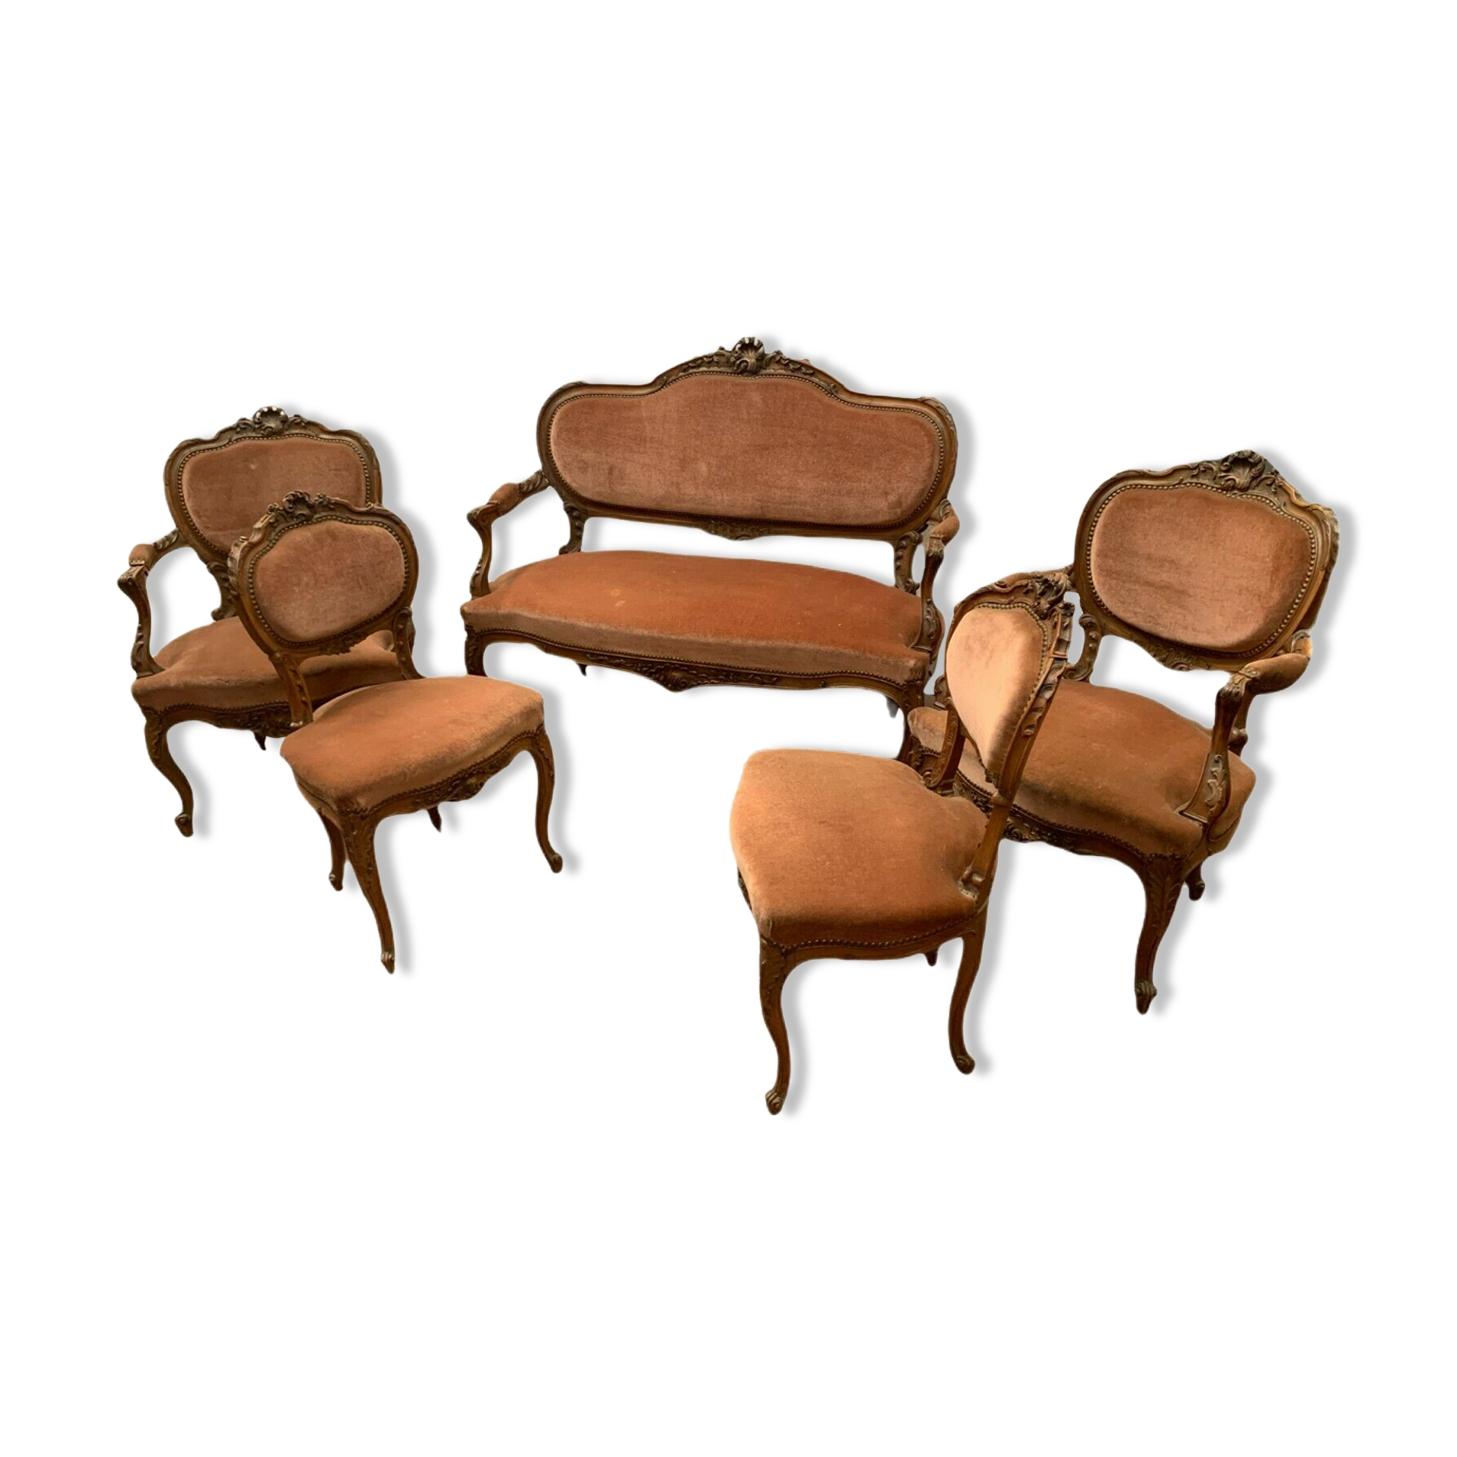 Mobilier de salon de style Louis XV en noyer massif XX siècle